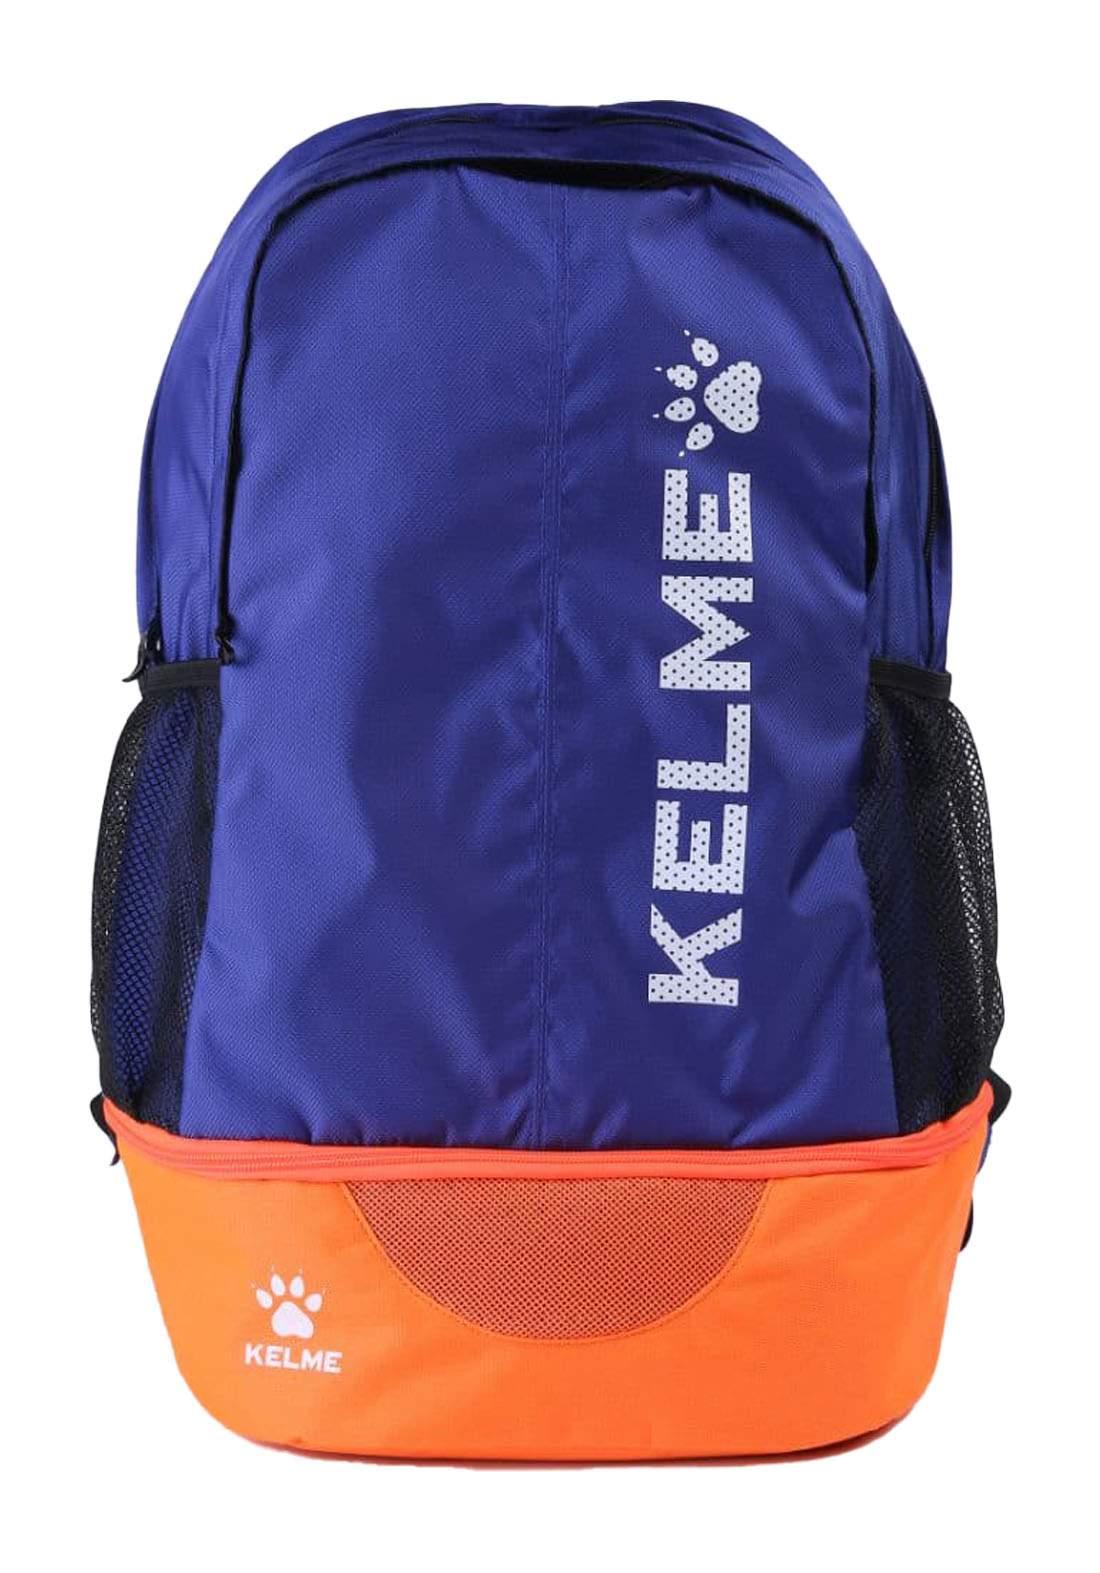 حقيبة ضهر رياضية  ازرق وبرتقالي اللون من Kelme